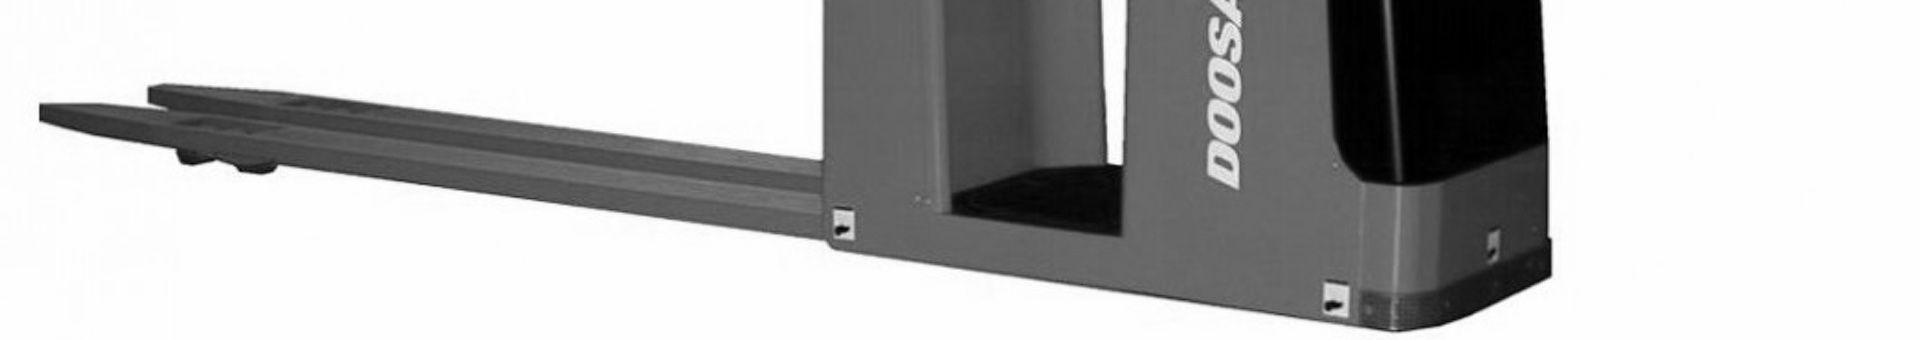 hubwagen gebraucht verkauf. Black Bedroom Furniture Sets. Home Design Ideas